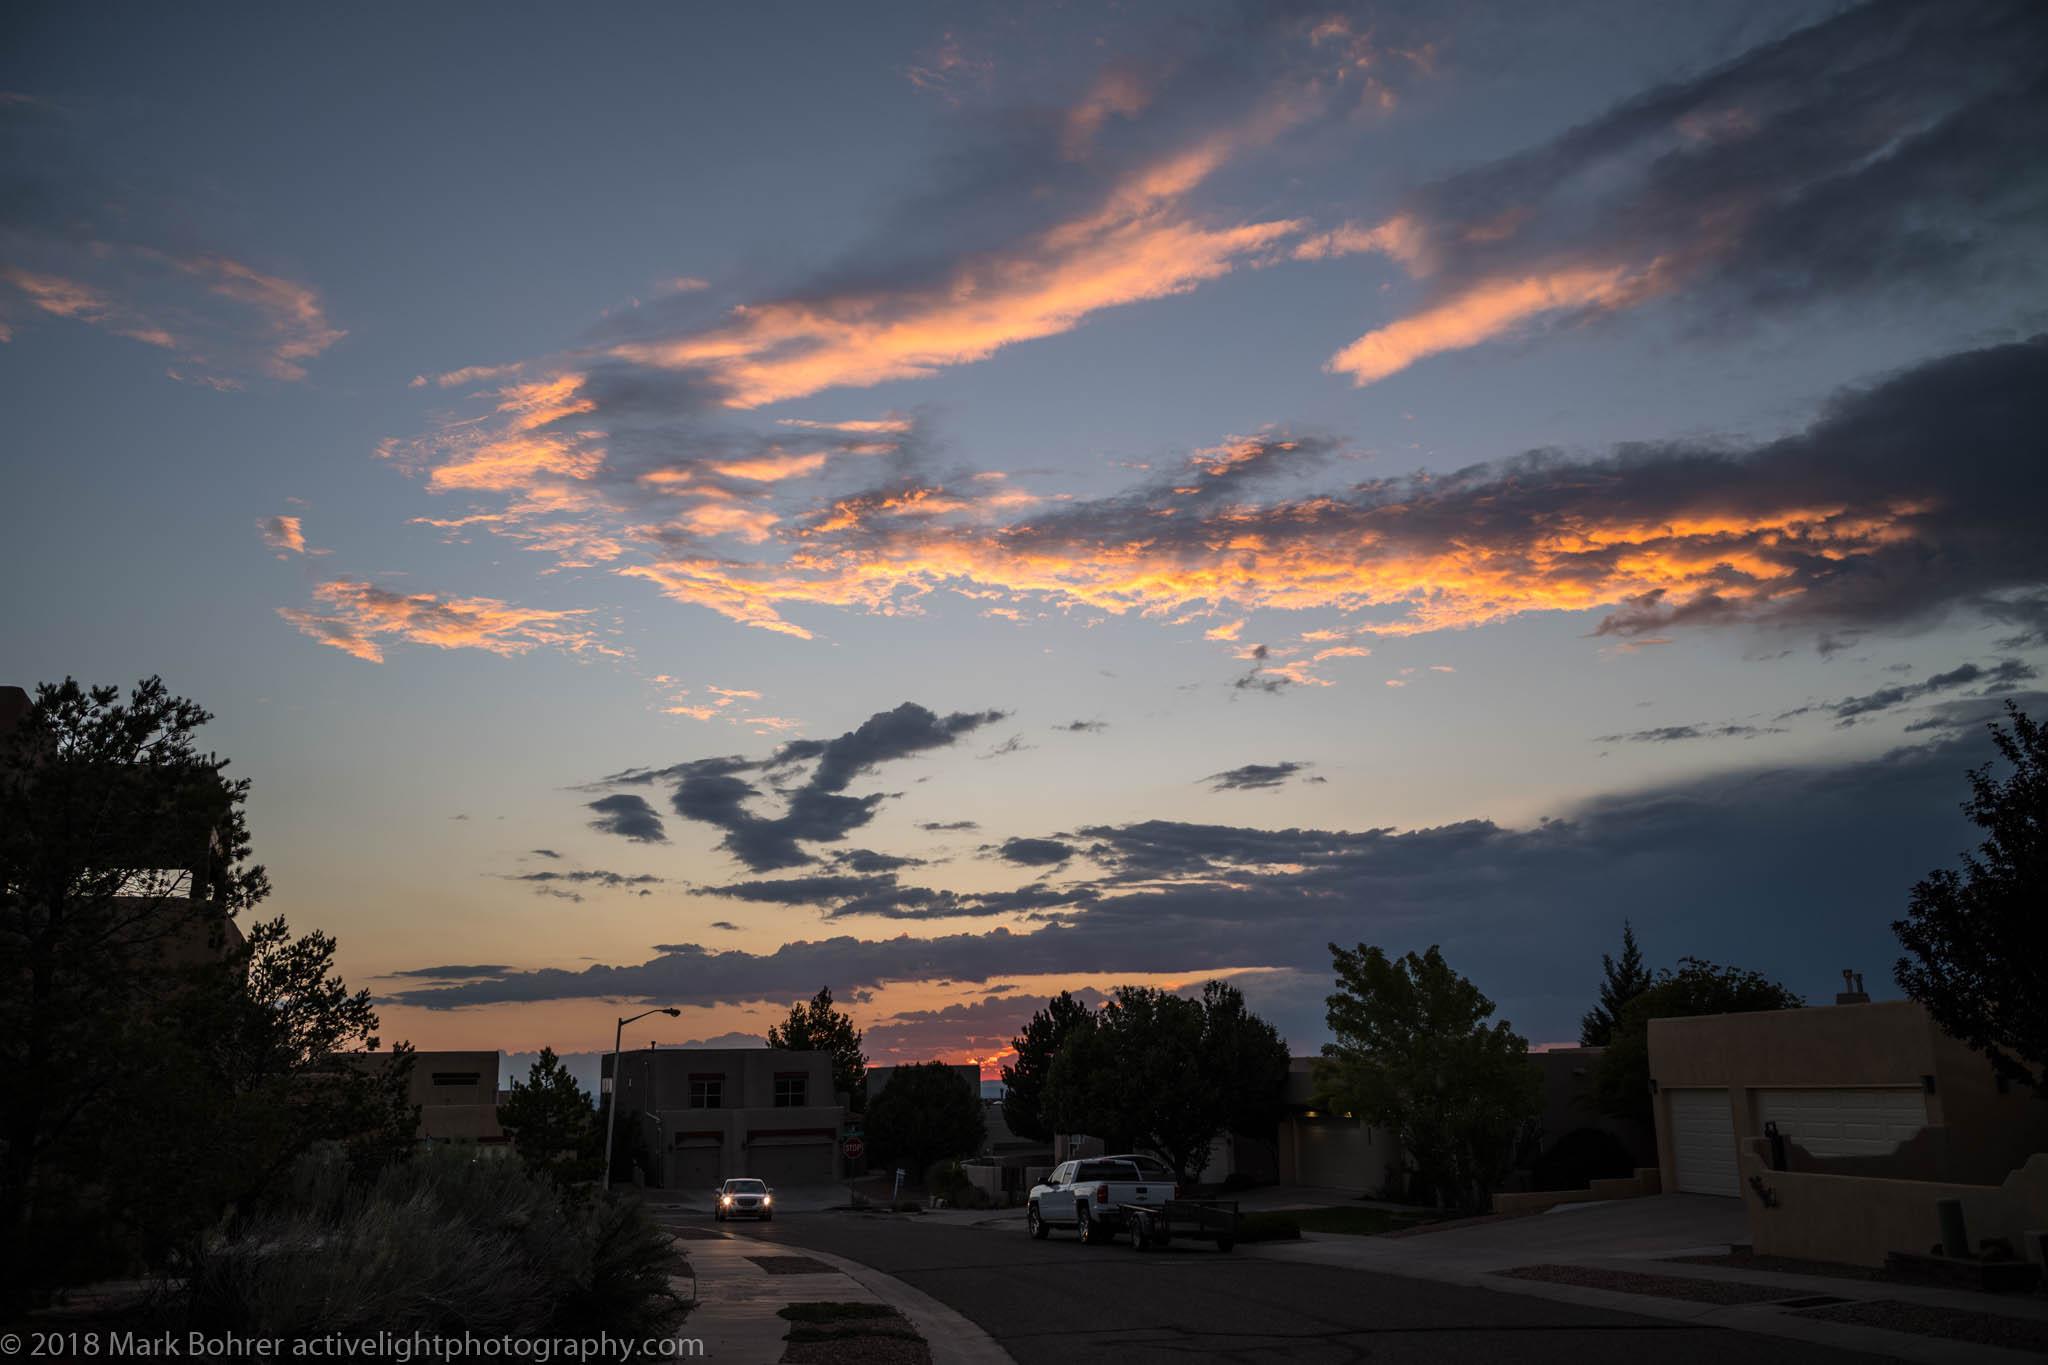 Sunset light in the neighborhood - slight corner darkening (vignetting)